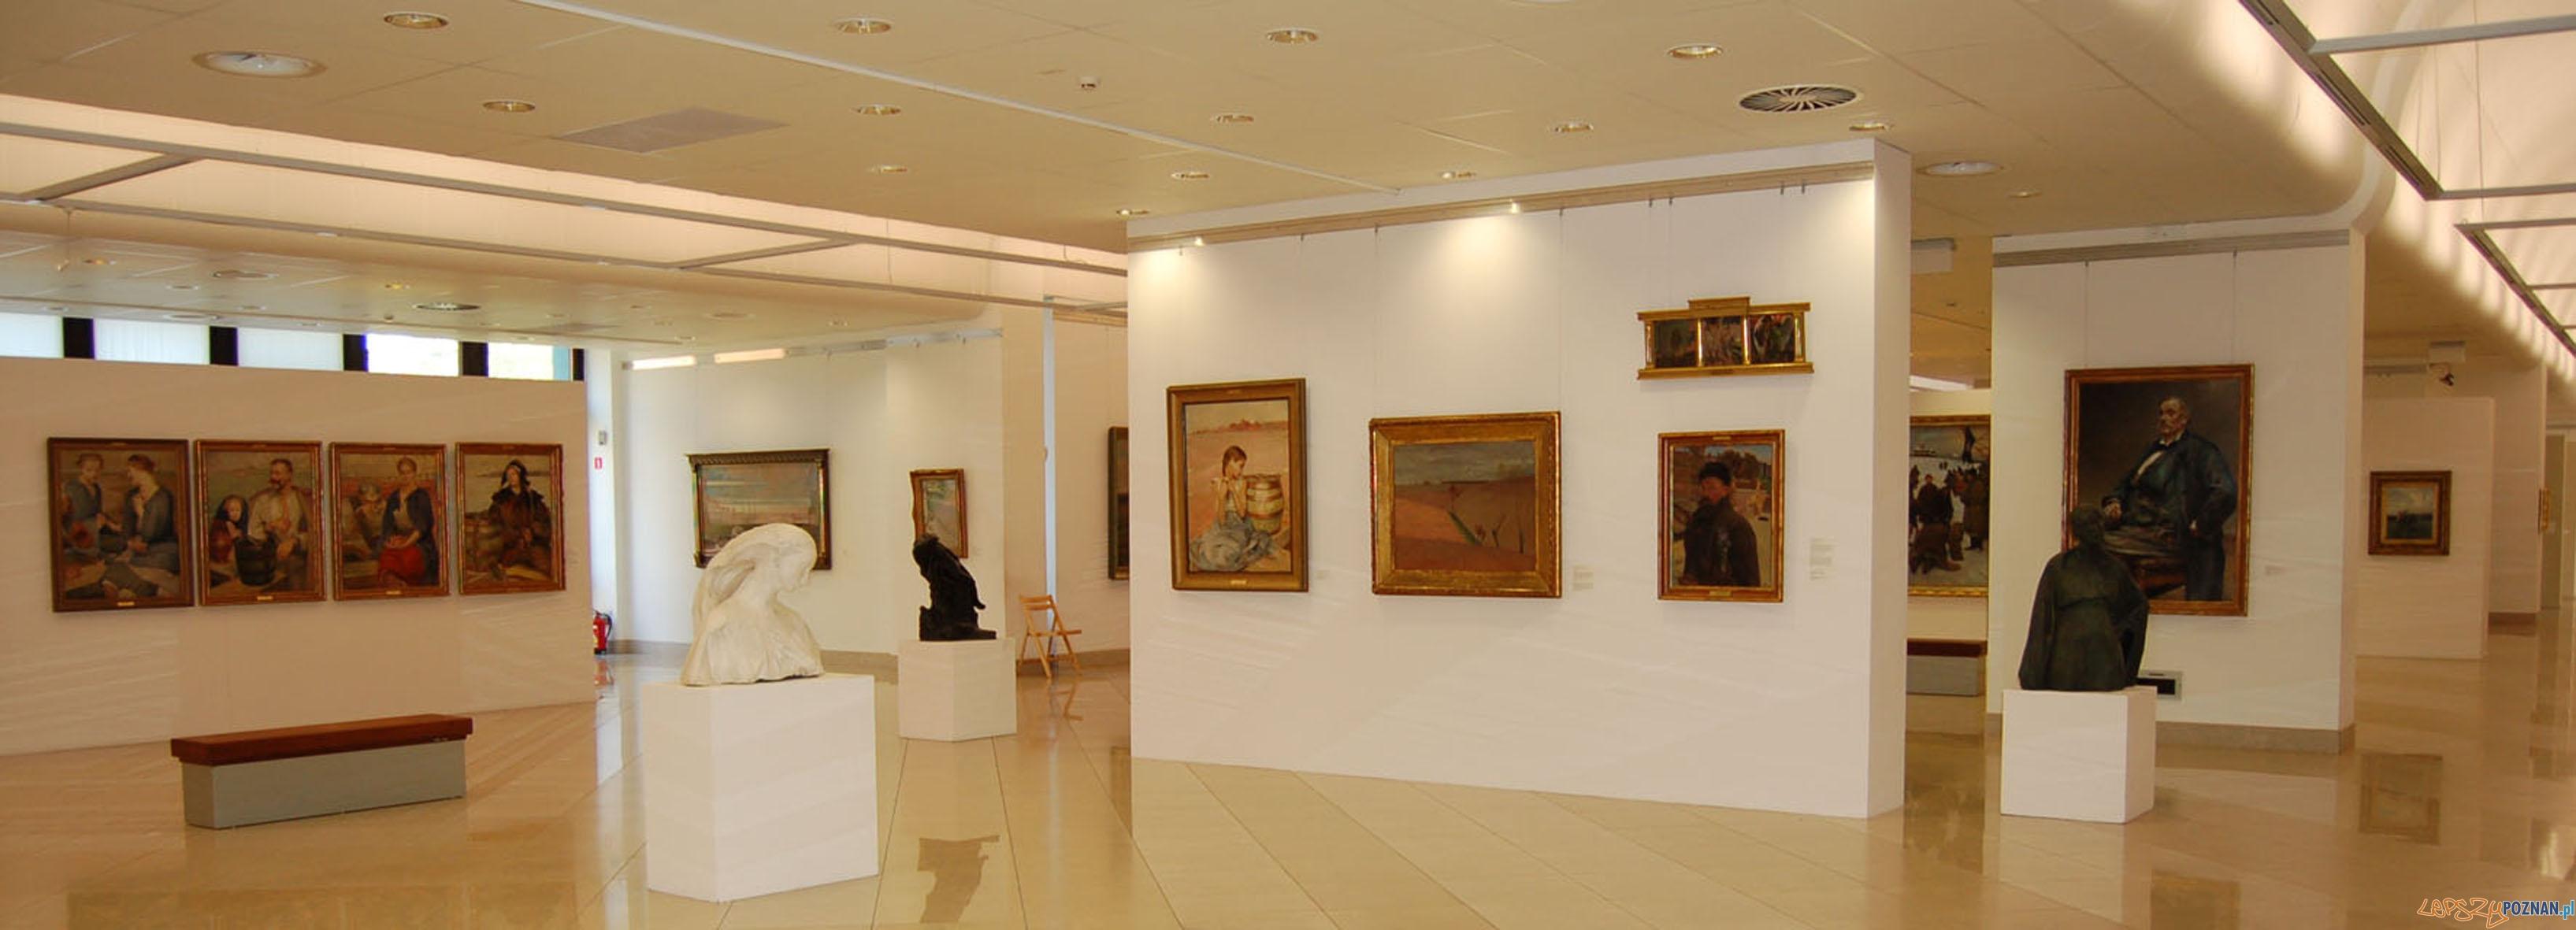 Muzeum Narodowe Galeria Malarstwa i Rzeźby 2012  Foto: MNP